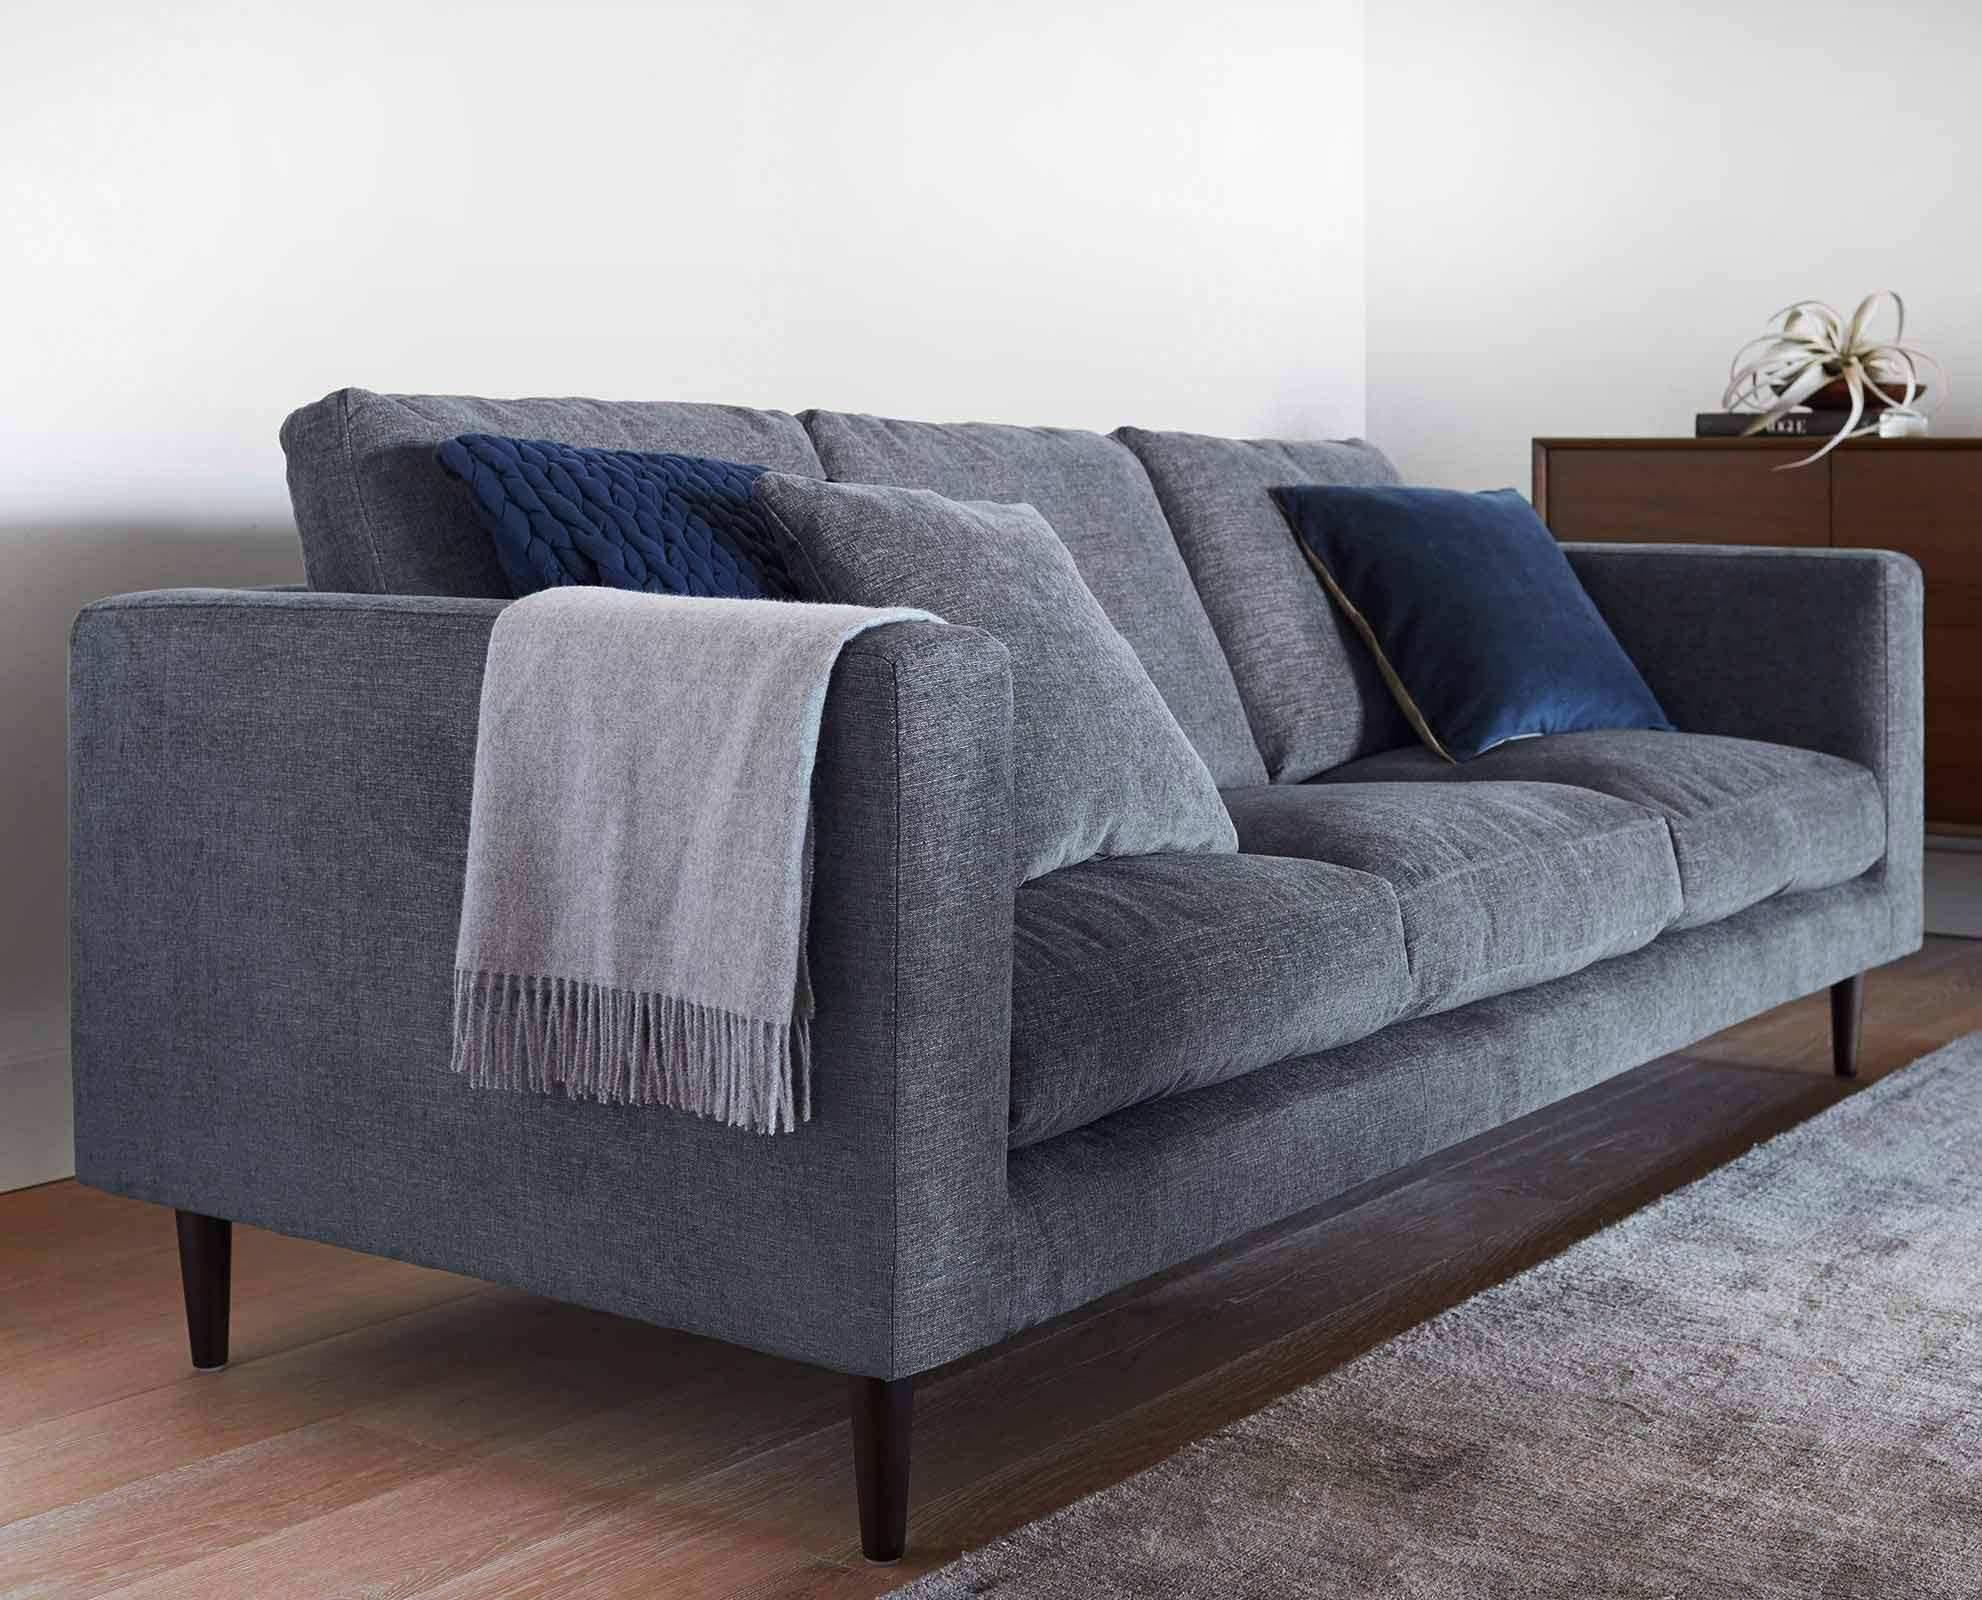 couchtisch modern gunstig reizend sofas gnstig fabulous sofas gnstig kaufen sale auf of couchtisch modern gunstig